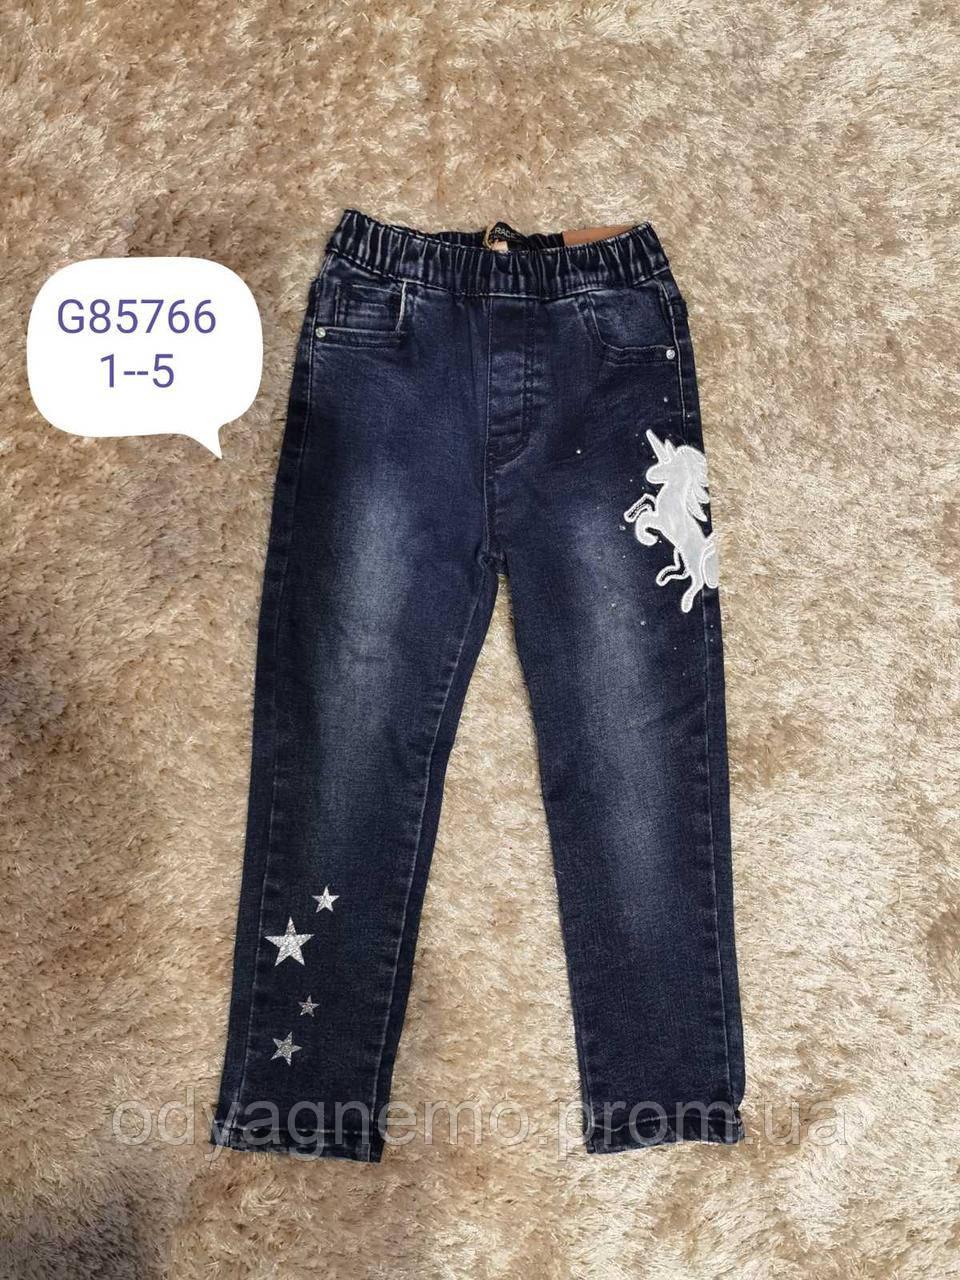 Джинсові брюки для дівчаток F&D Артикул: G85766, 1-5 років.